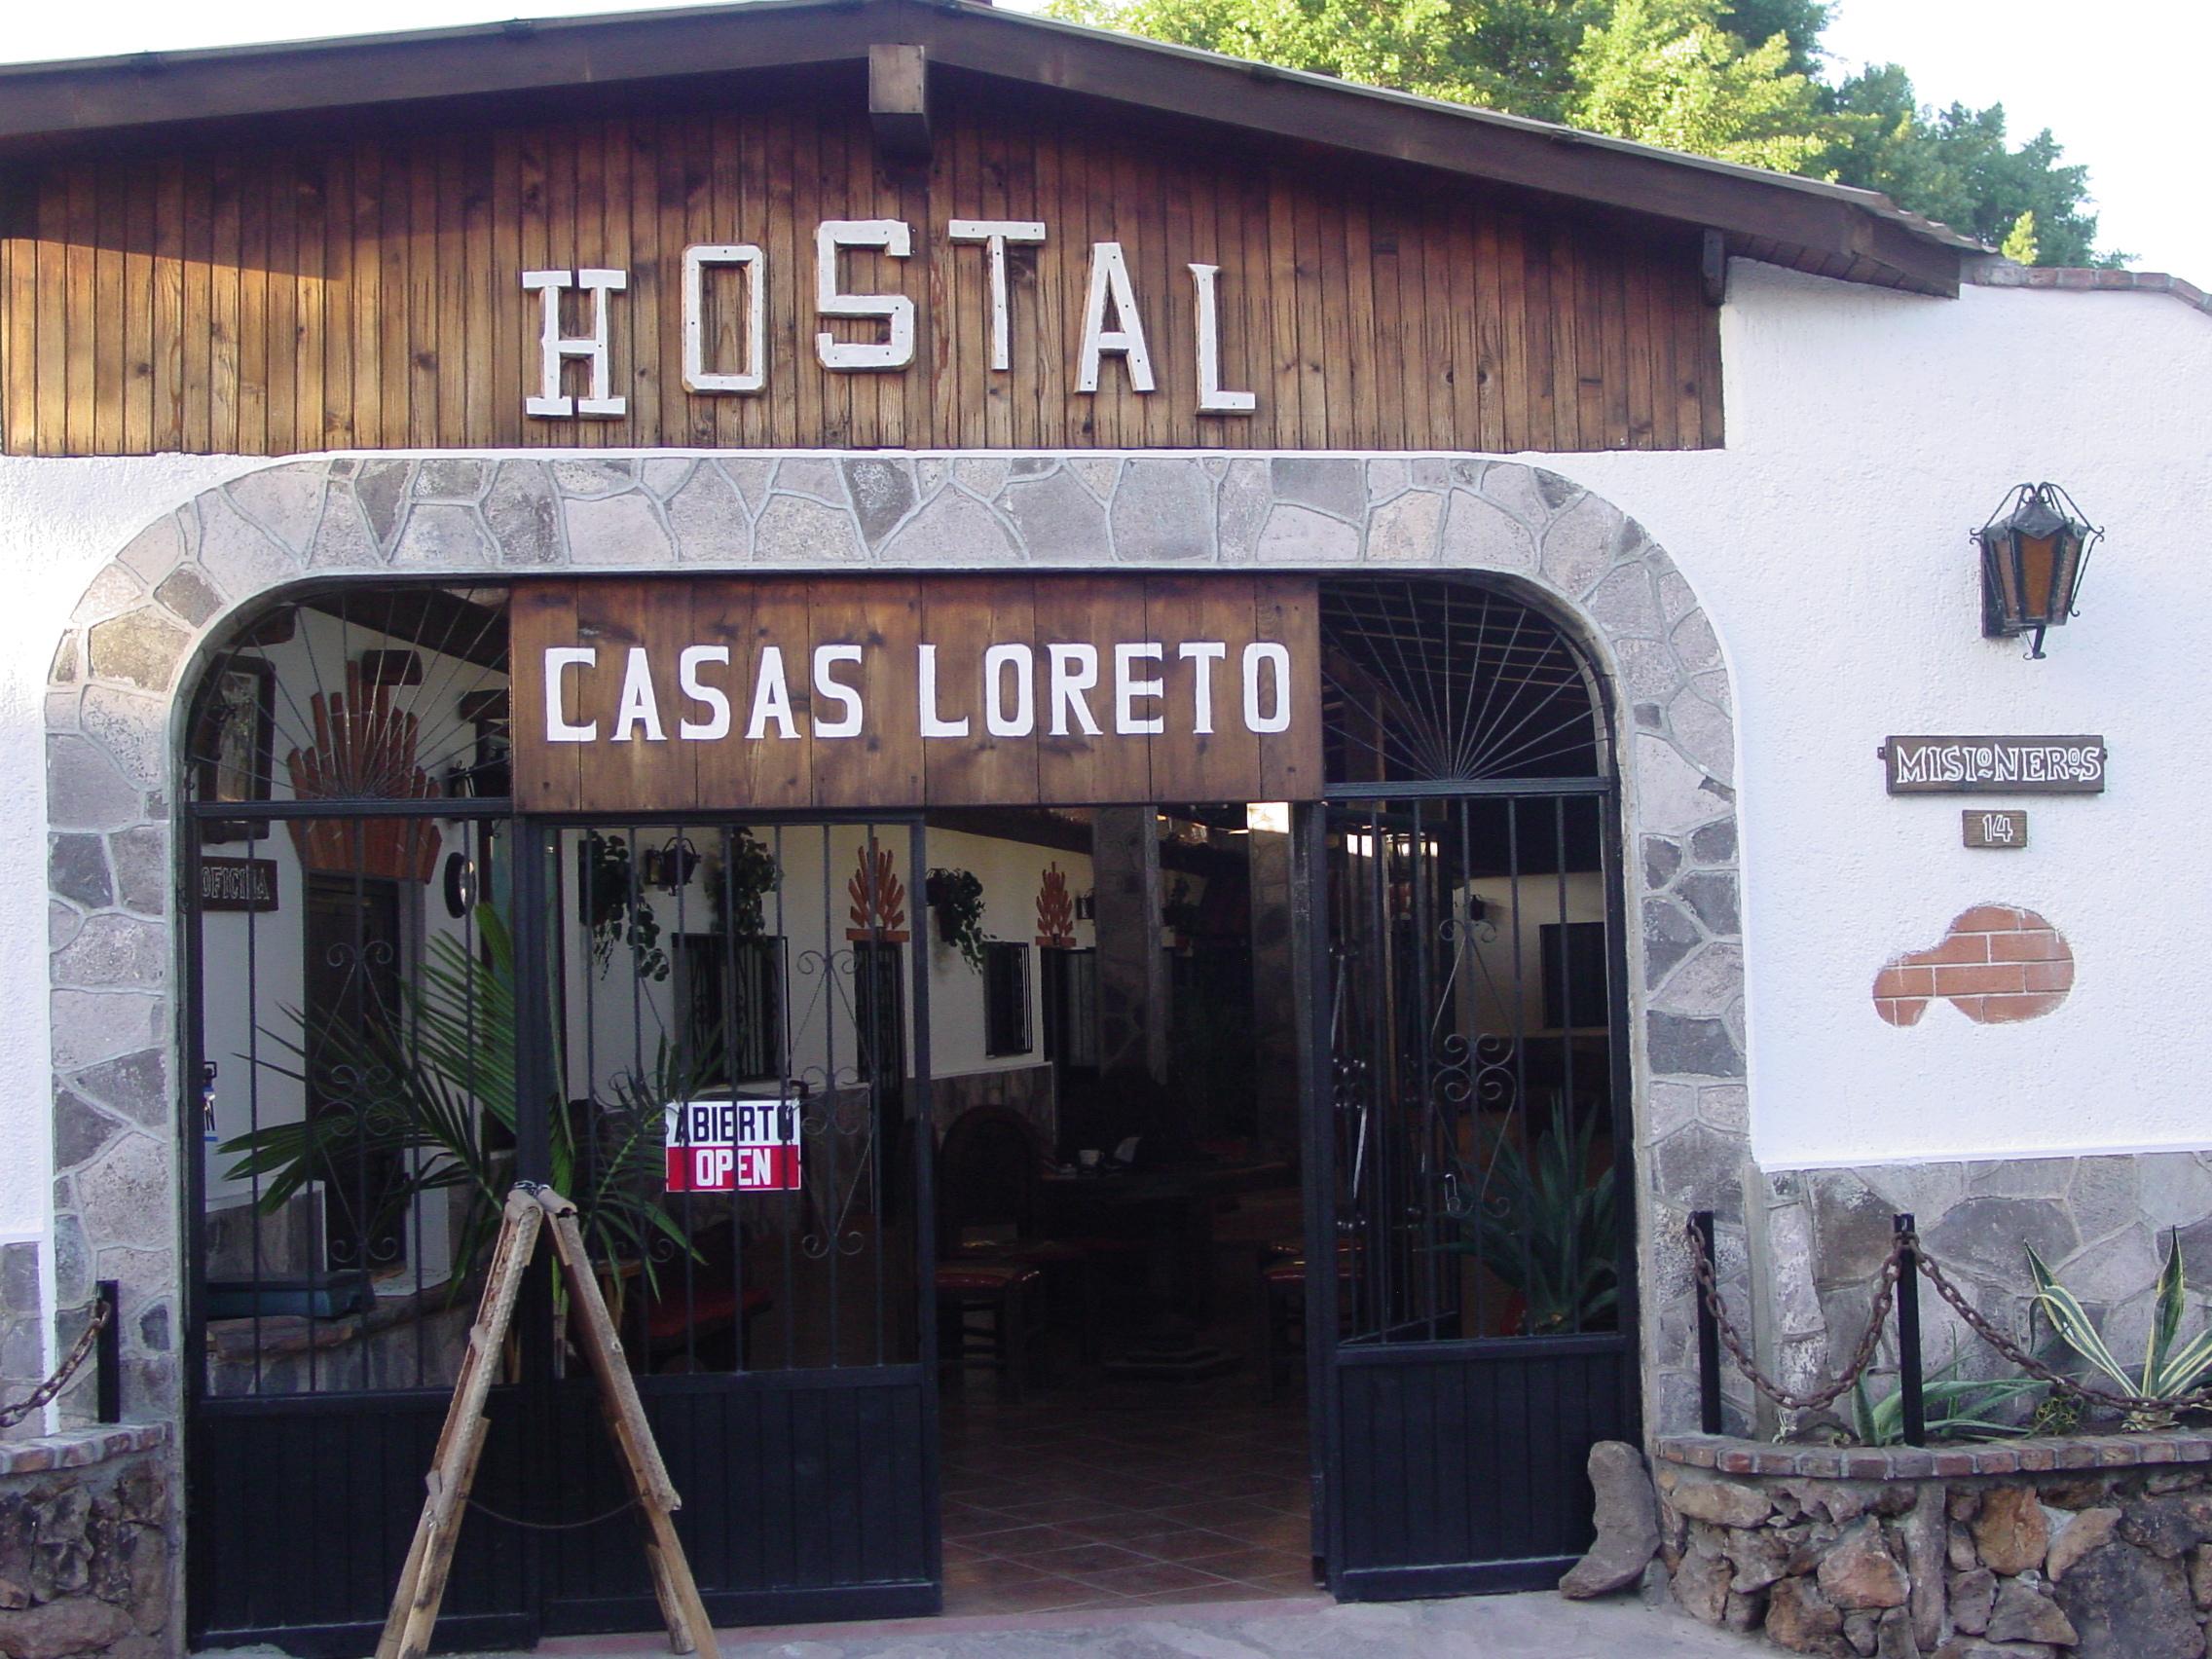 Hostal Casas Loreto